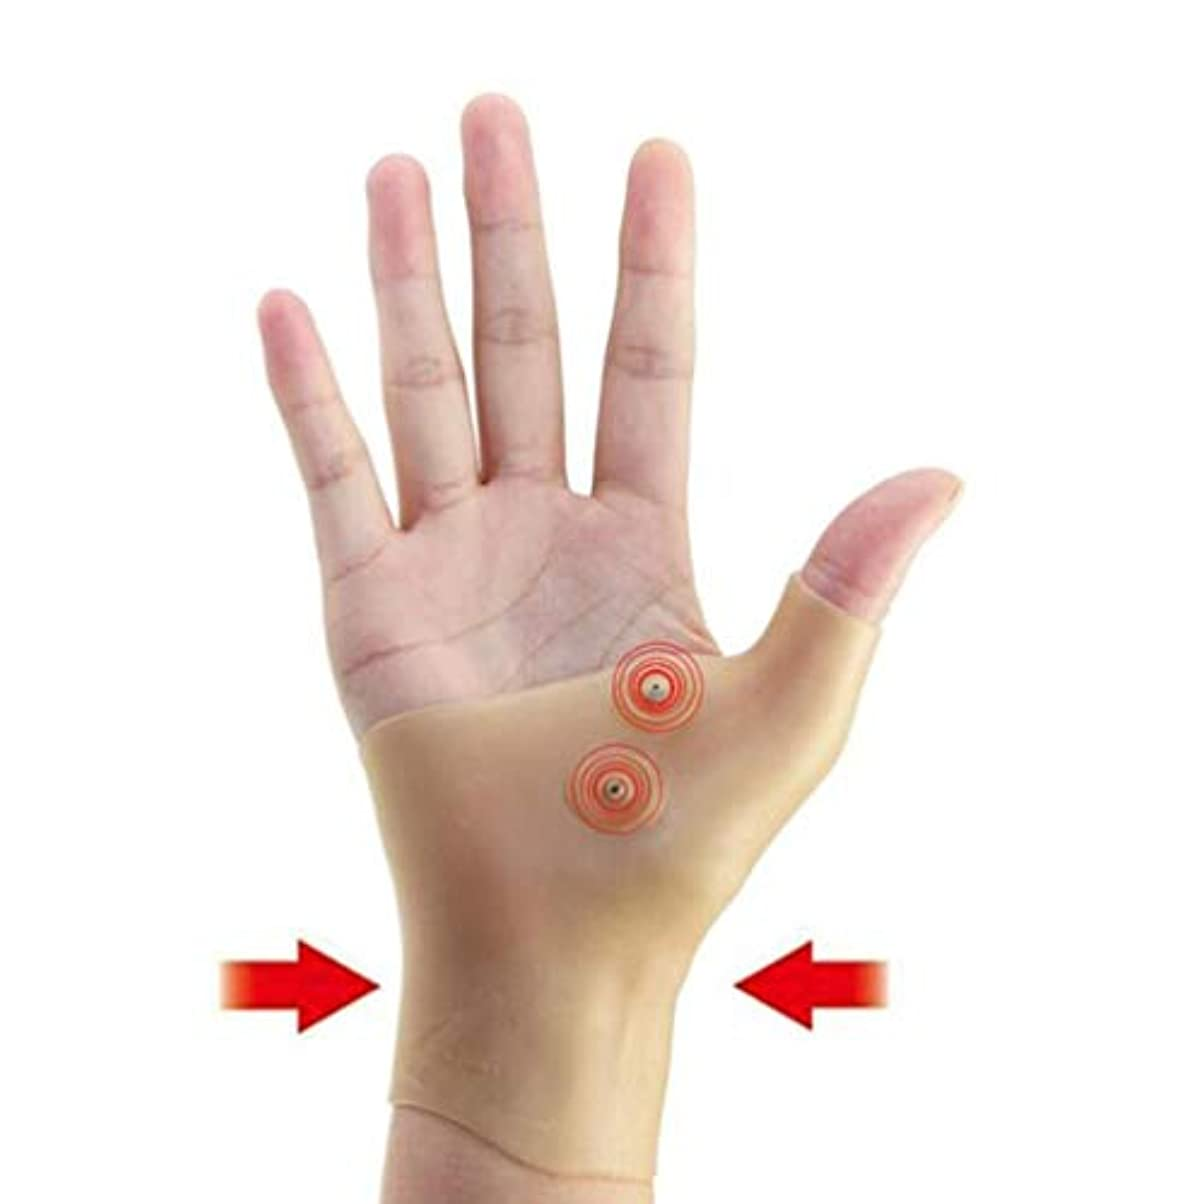 汗眠いです晩餐磁気療法手首手親指サポート手袋シリコーンゲル関節炎圧力矯正器マッサージ痛み緩和手袋 - 肌の色